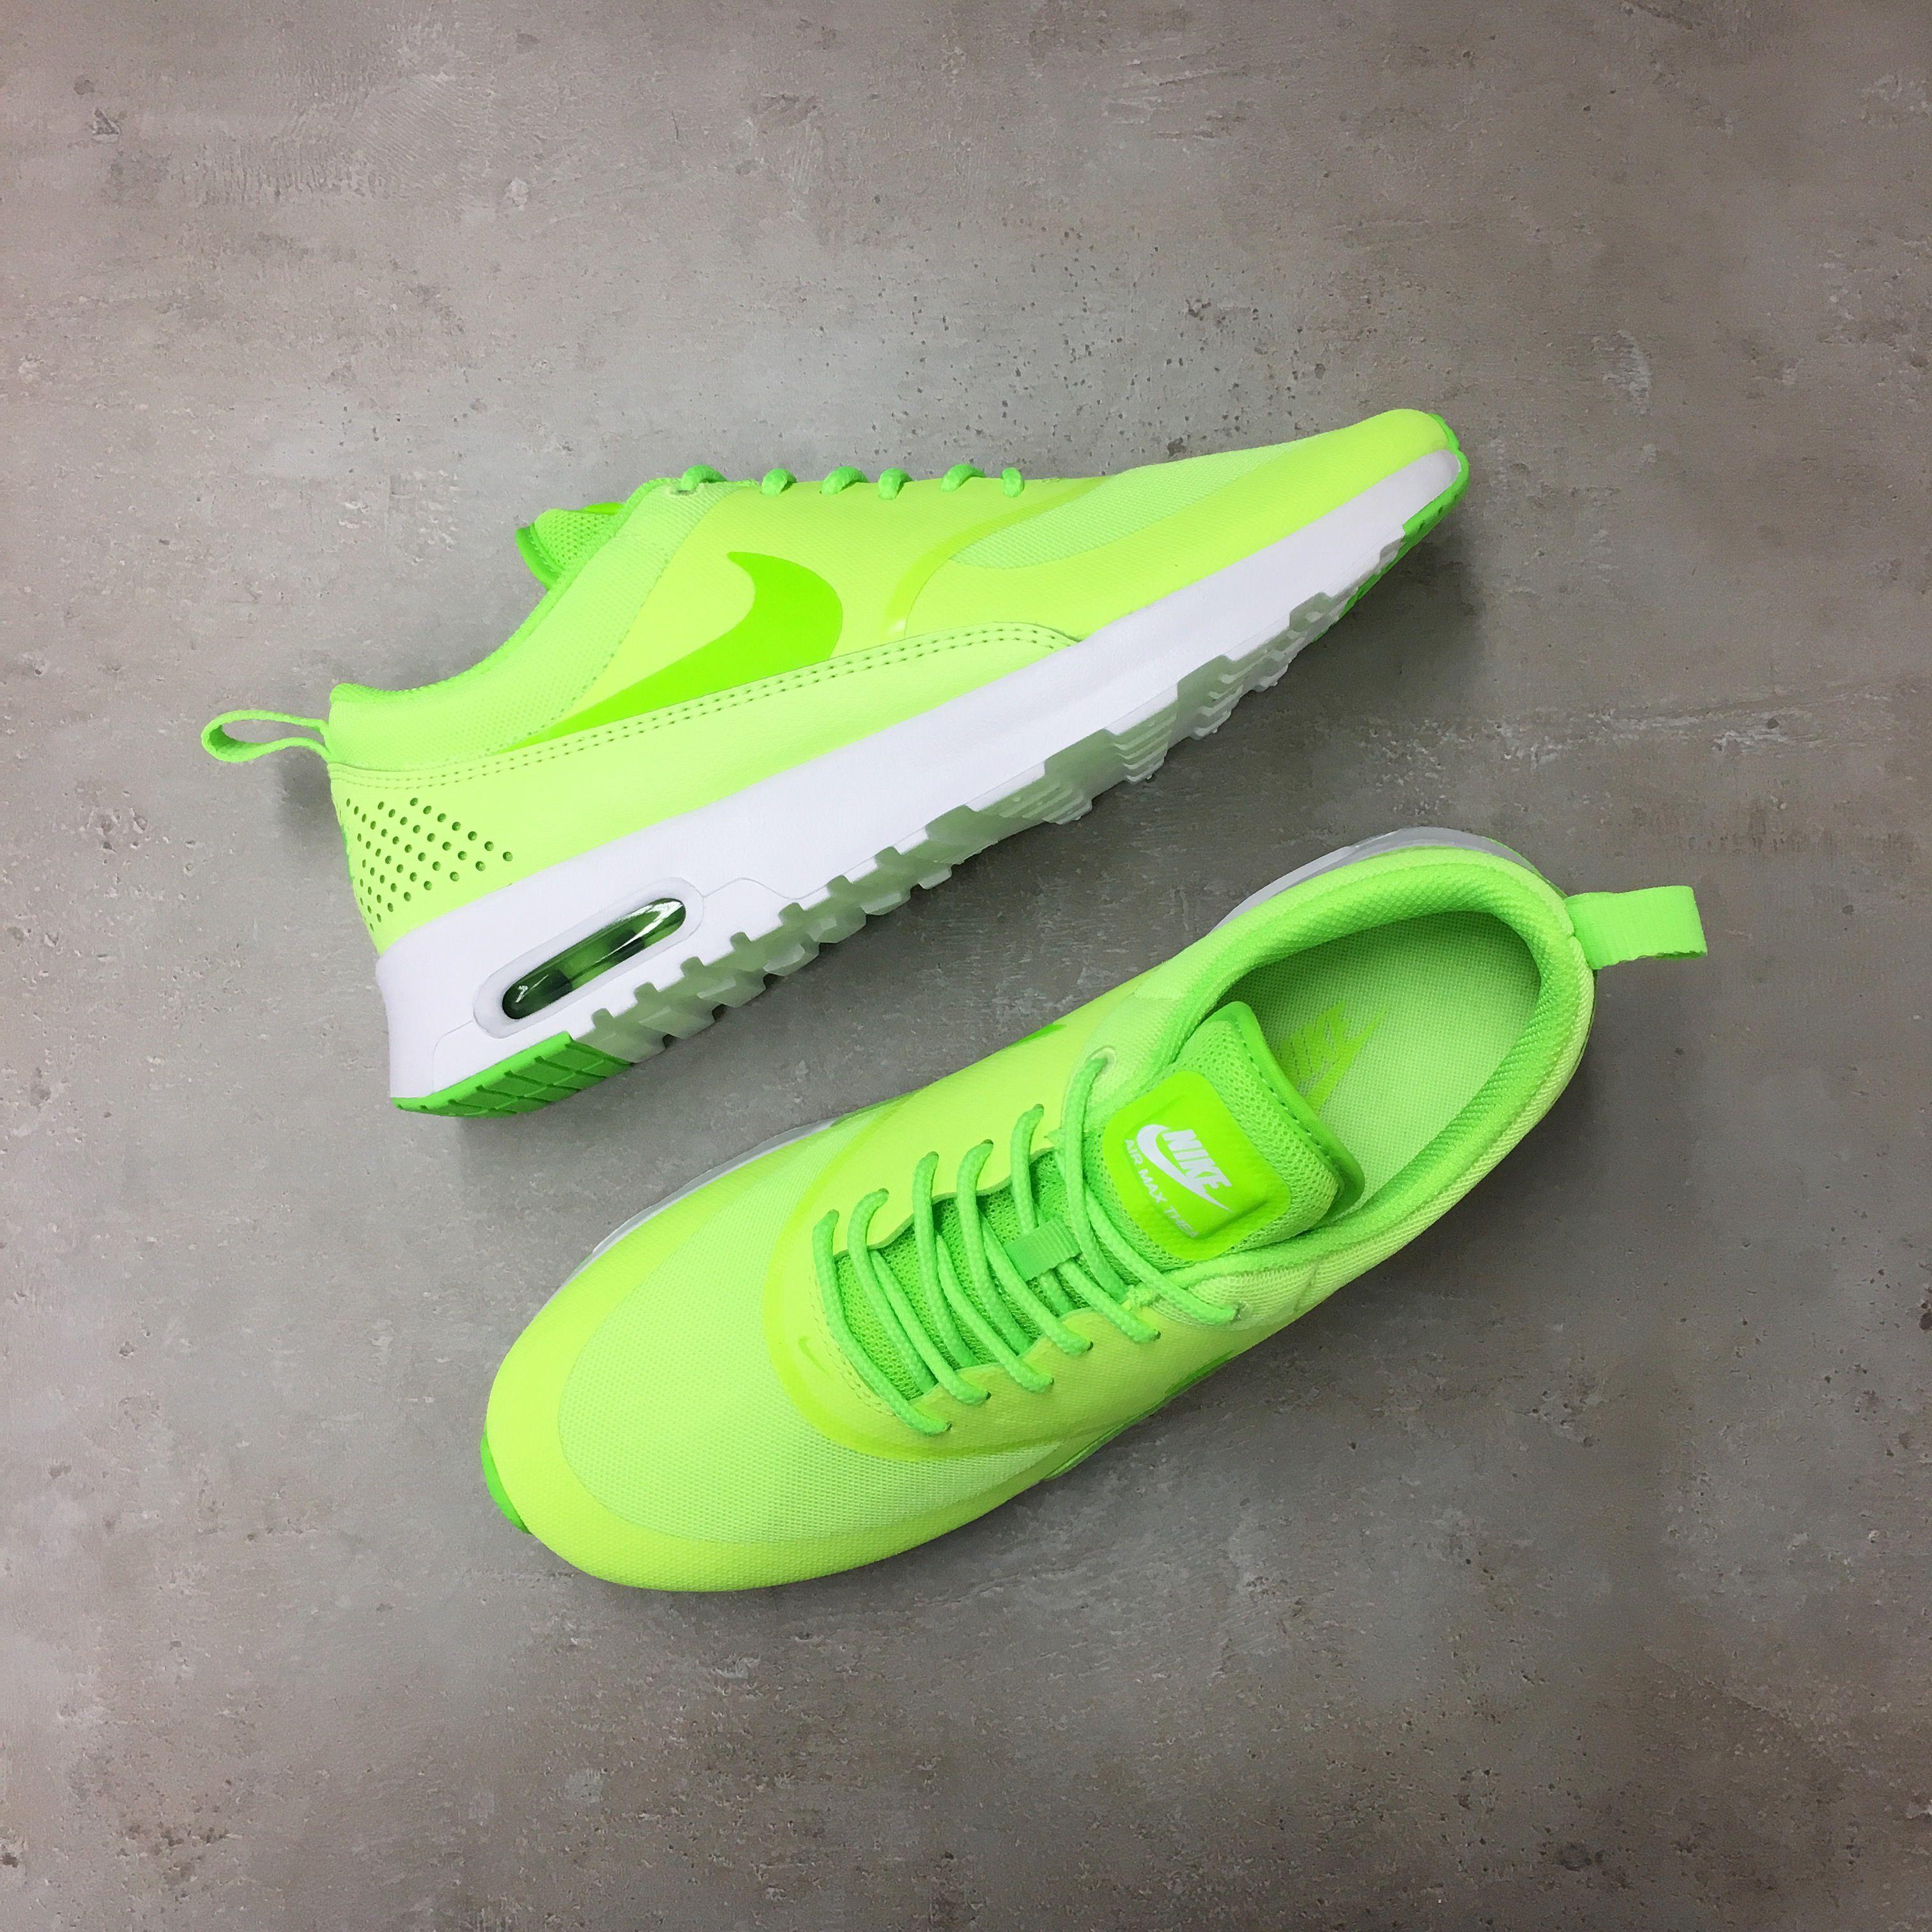 Günstige Nike Kindermode & Kinderschuhe im Outlet online